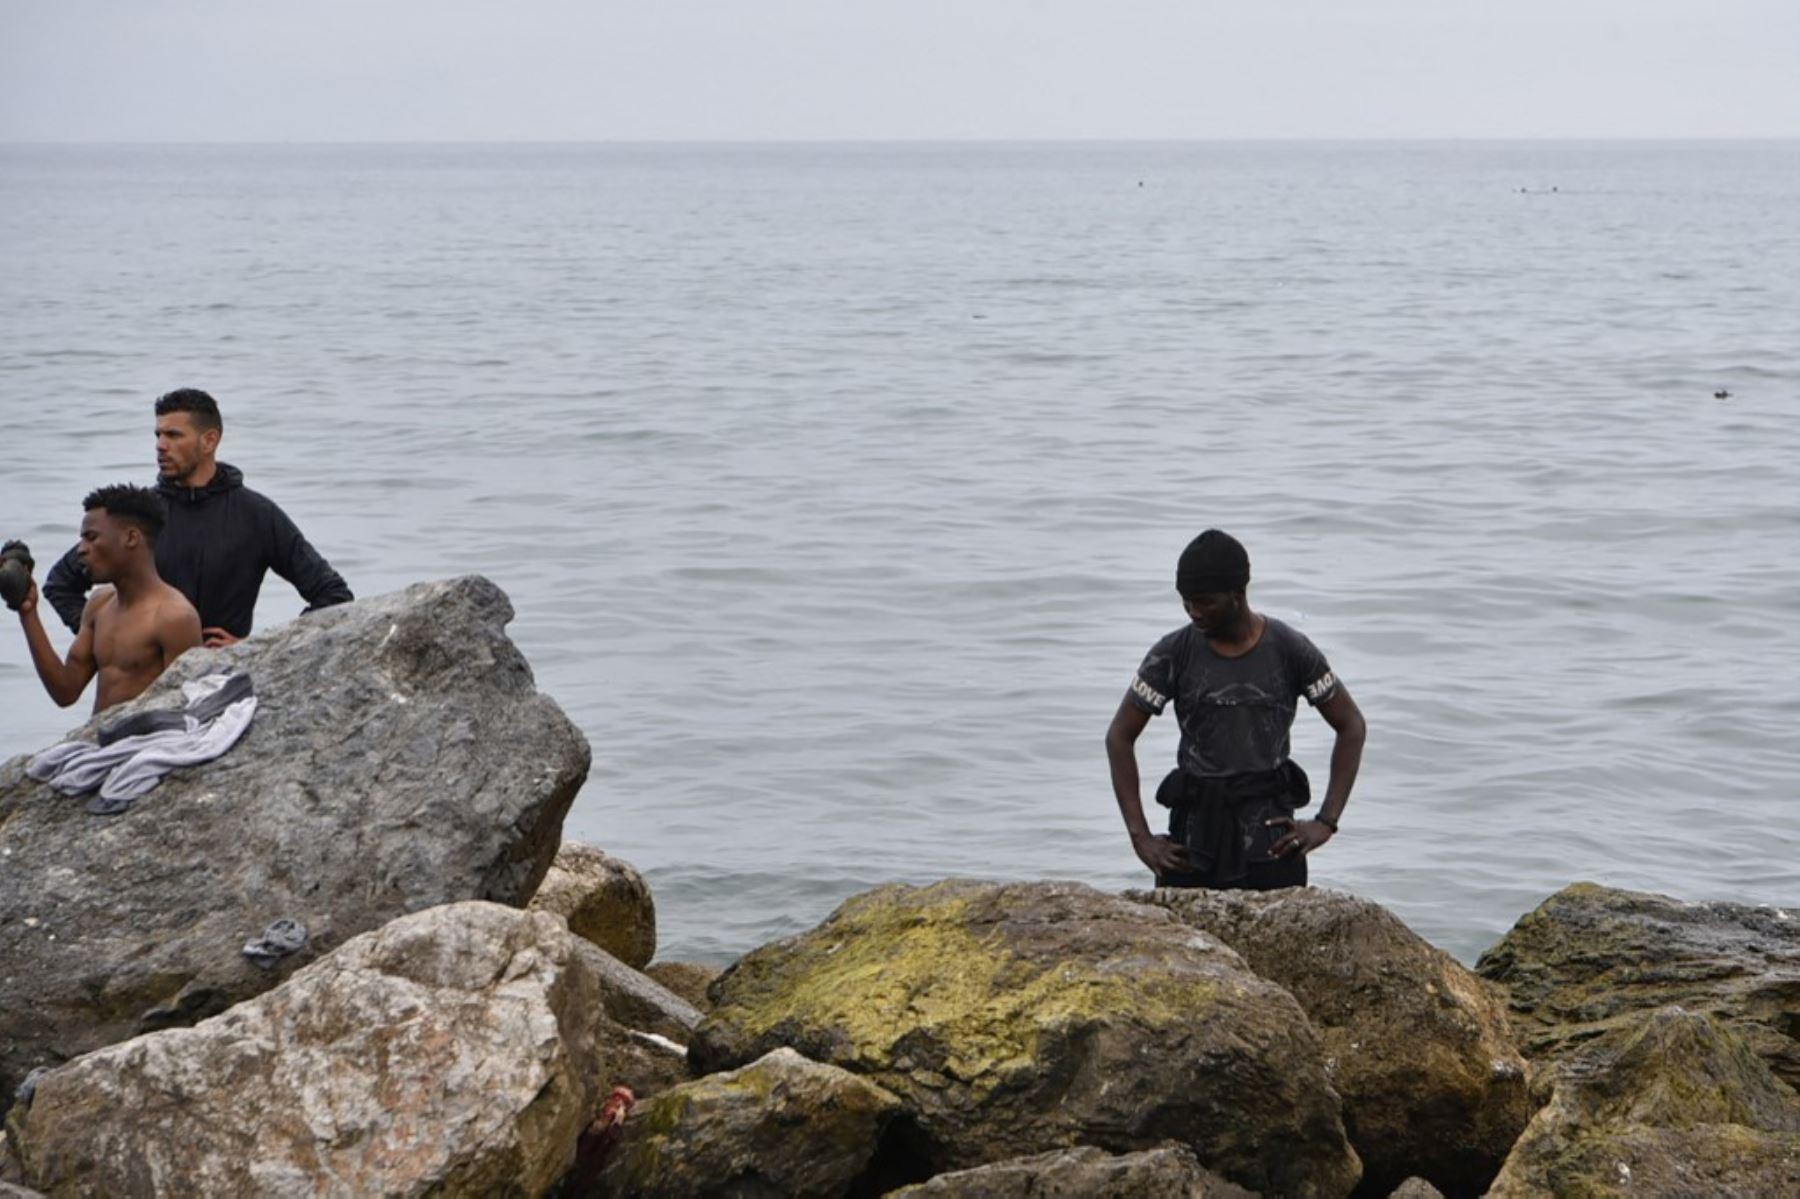 Los migrantes descansan tras nadar hasta el enclave español de Ceuta, el 18 de mayo de 2021 en Ceuta. - España ha devuelto a Marruecos casi la mitad de los 6.000 migrantes que entraron en su enclave de Ceuta, mientras cientos más intentaban entrar en su otro territorio del norte de África. Foto: AFP